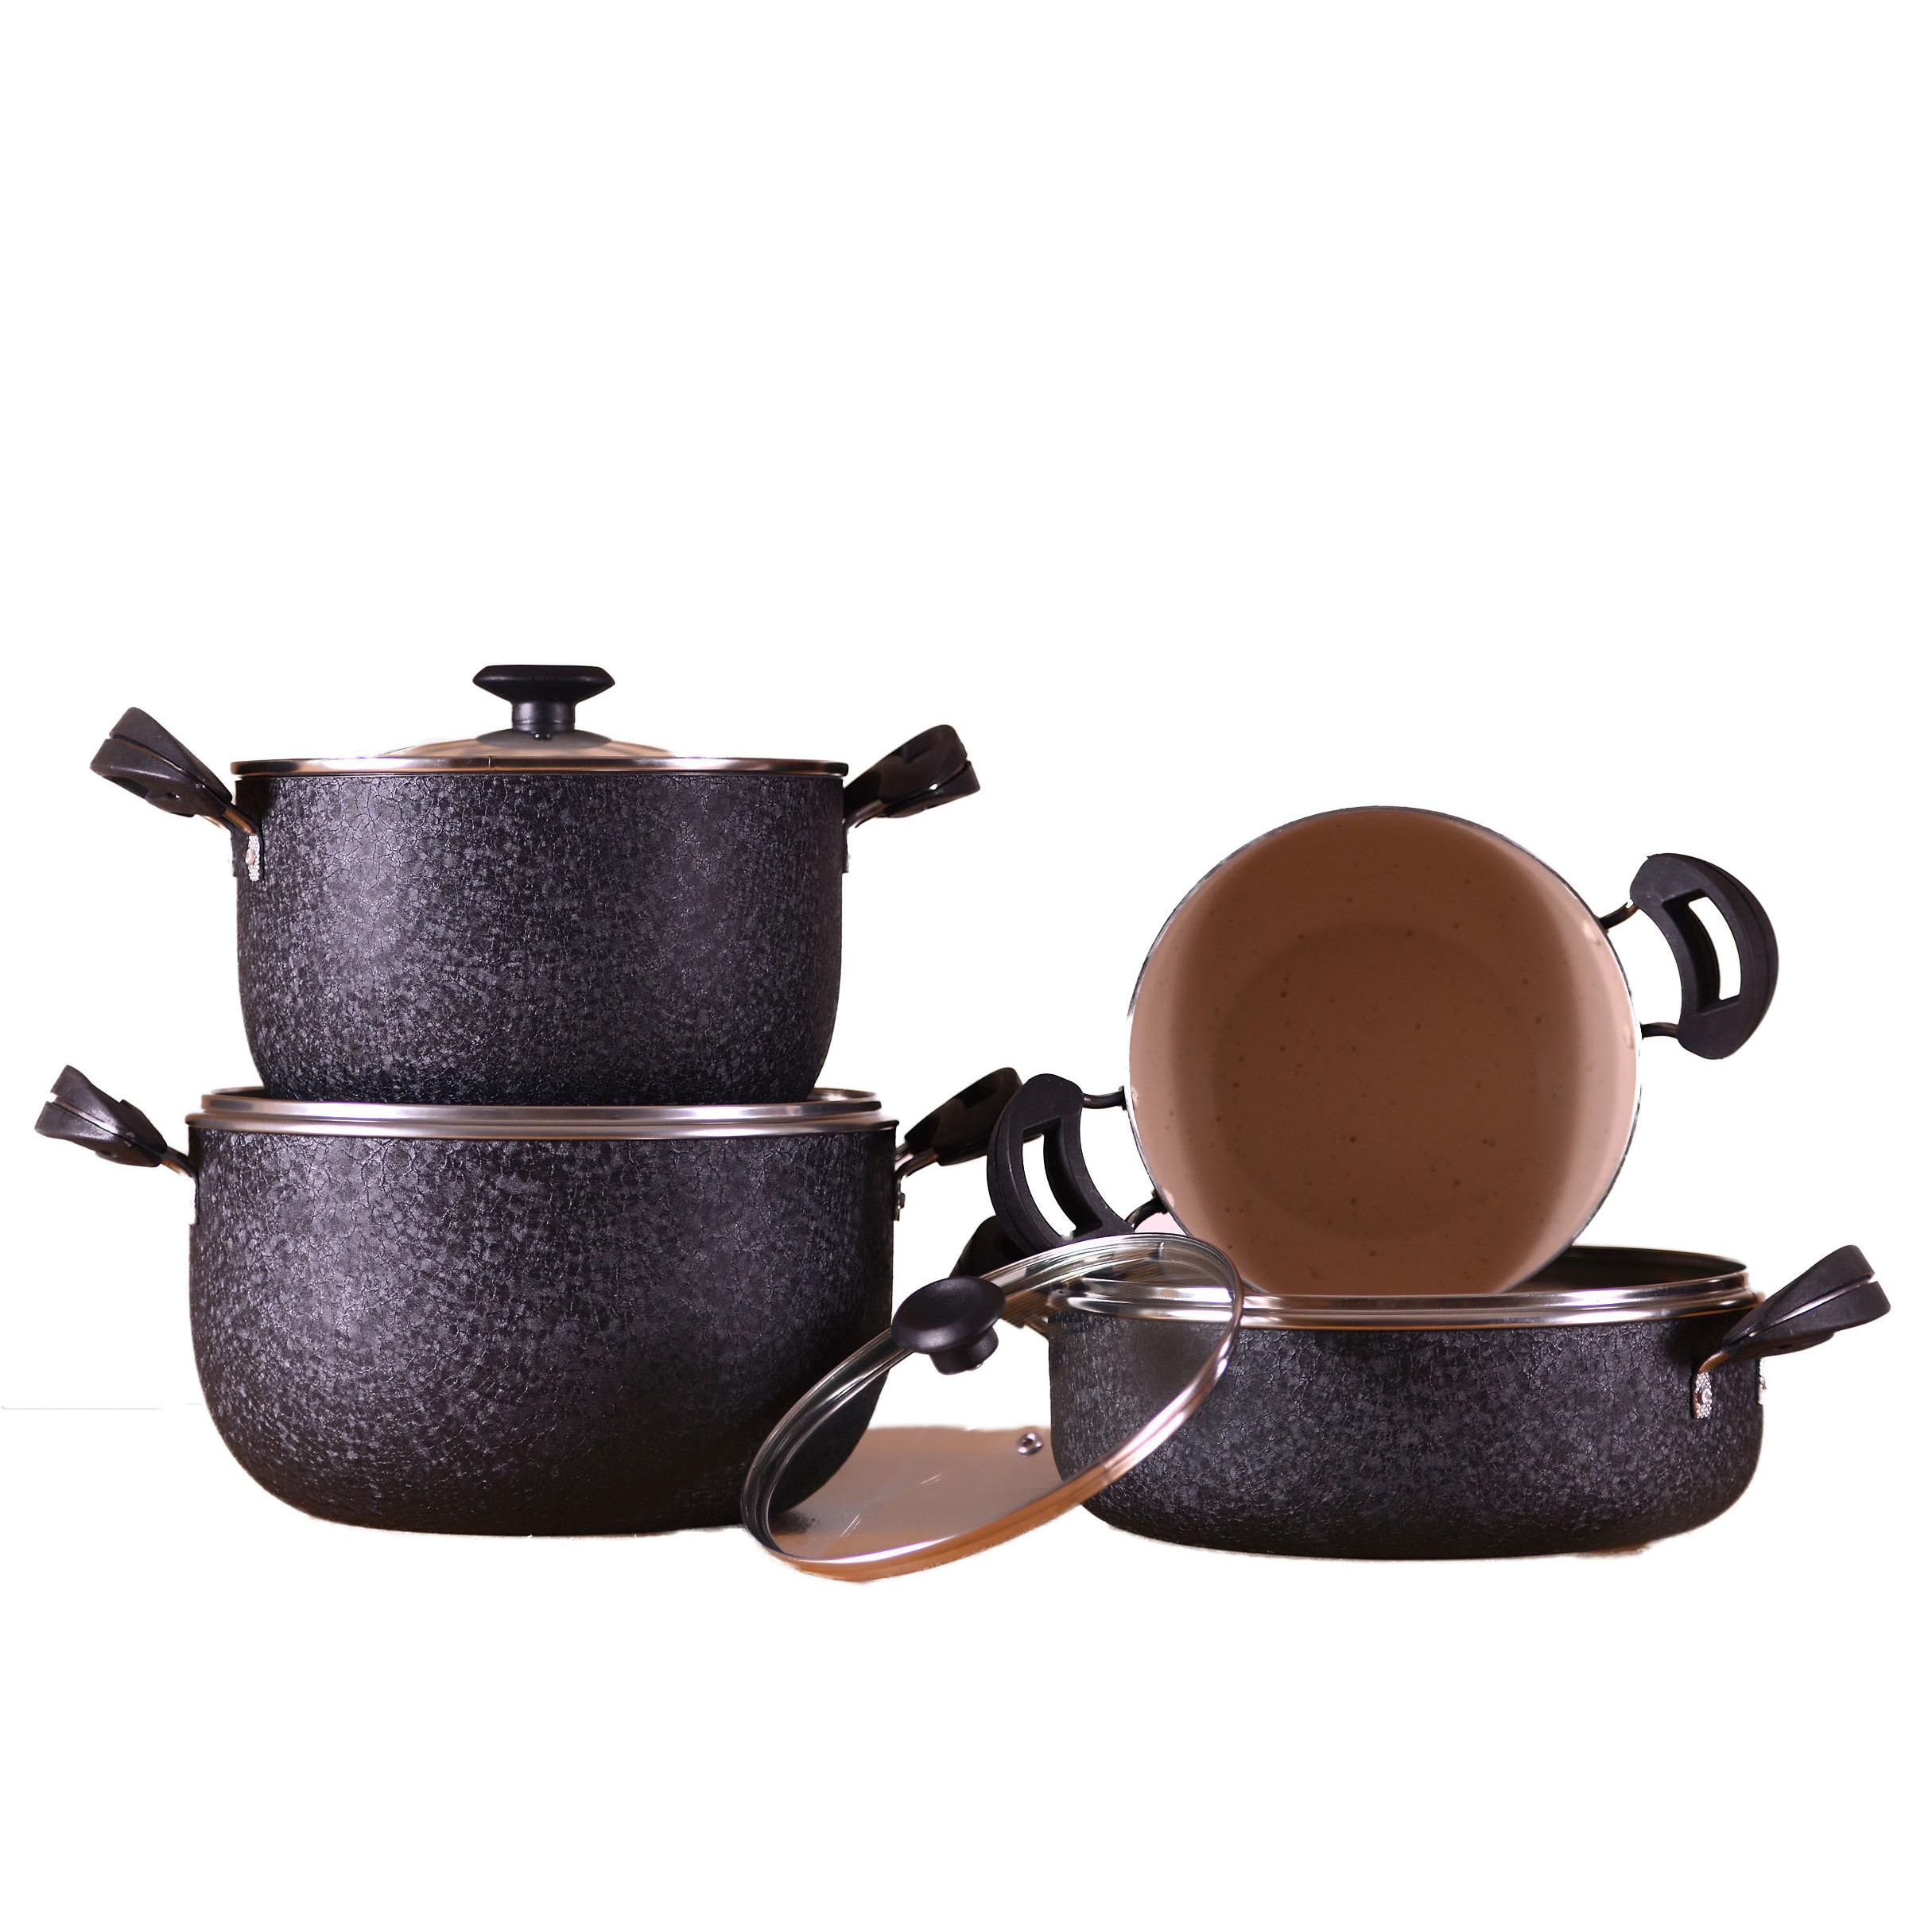 سرویس پخت و پز 7 پارچه ظرف سازان اسدیان مدل باریش